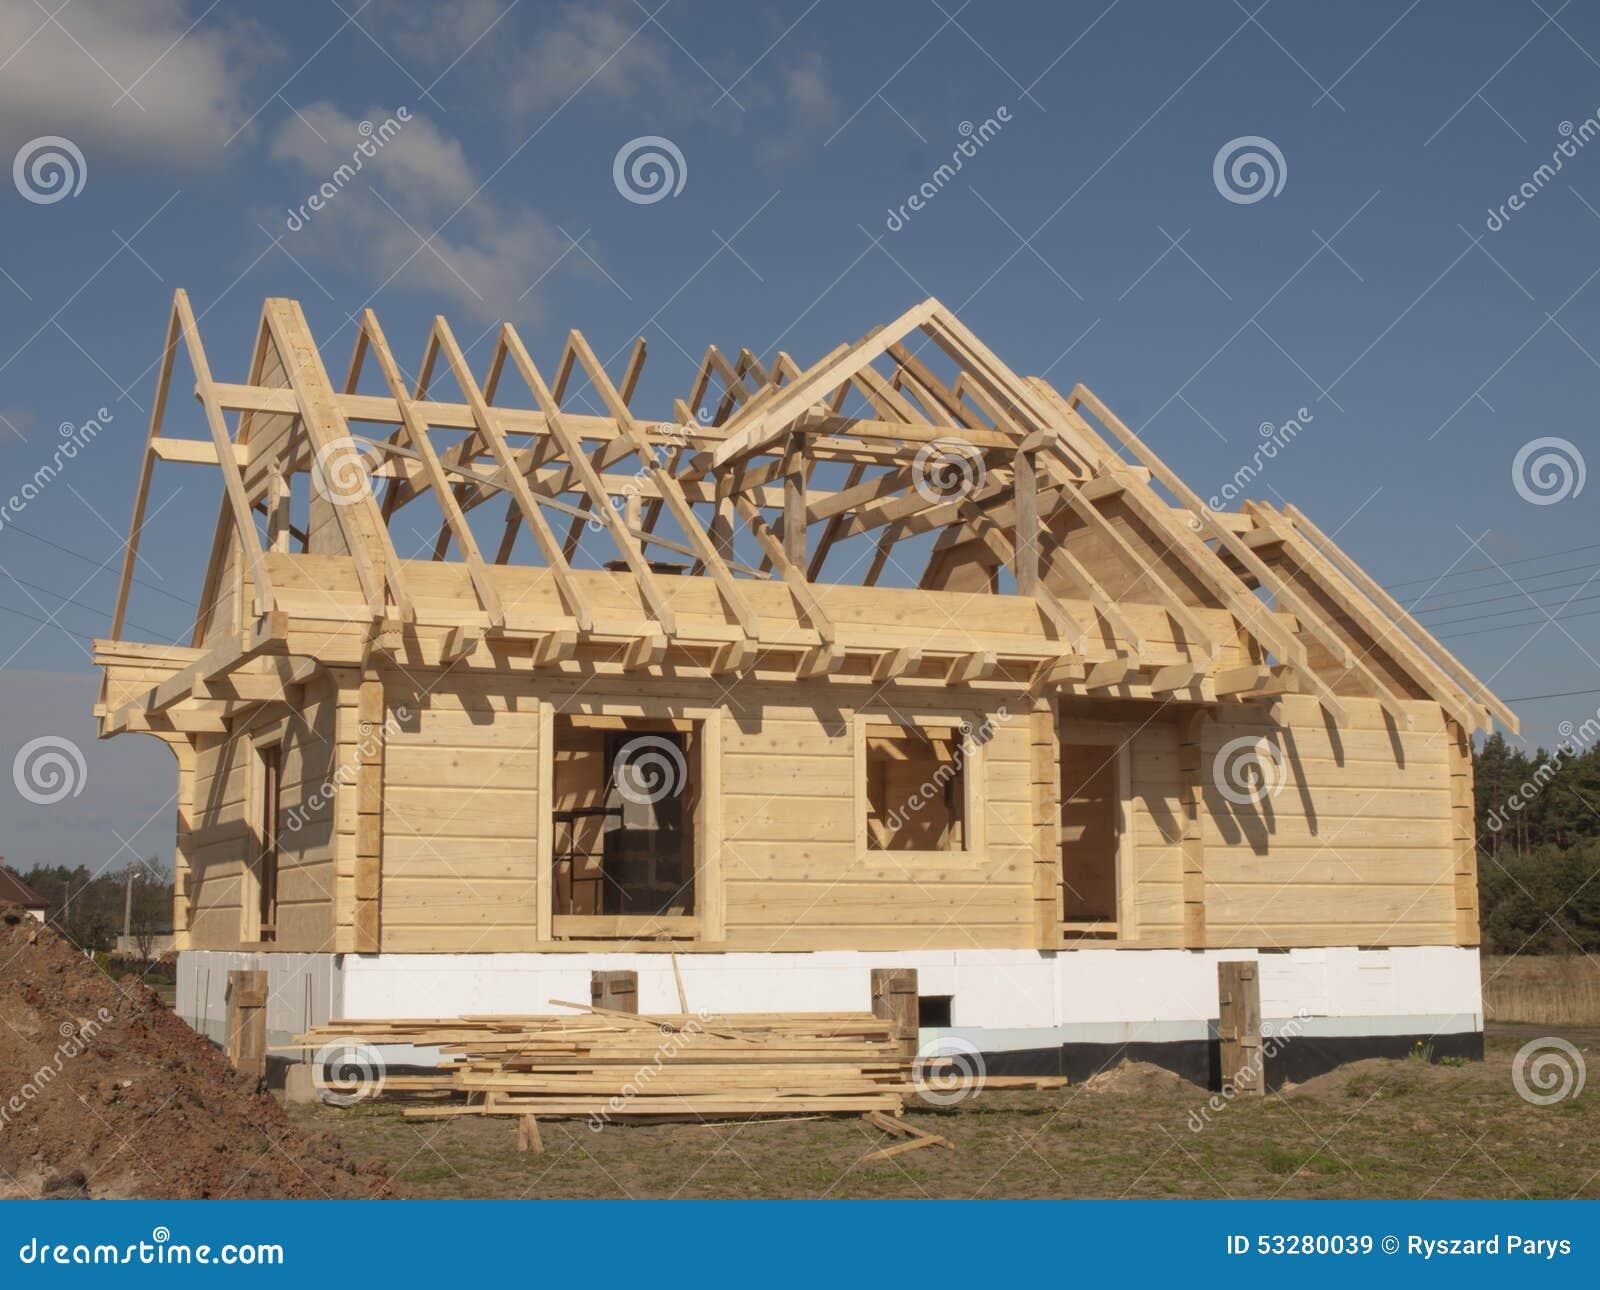 Costruzione di una casa di legno con i ceppi rettangolari fotografia stock immagine 53280039 - Costruzione di una casa ...